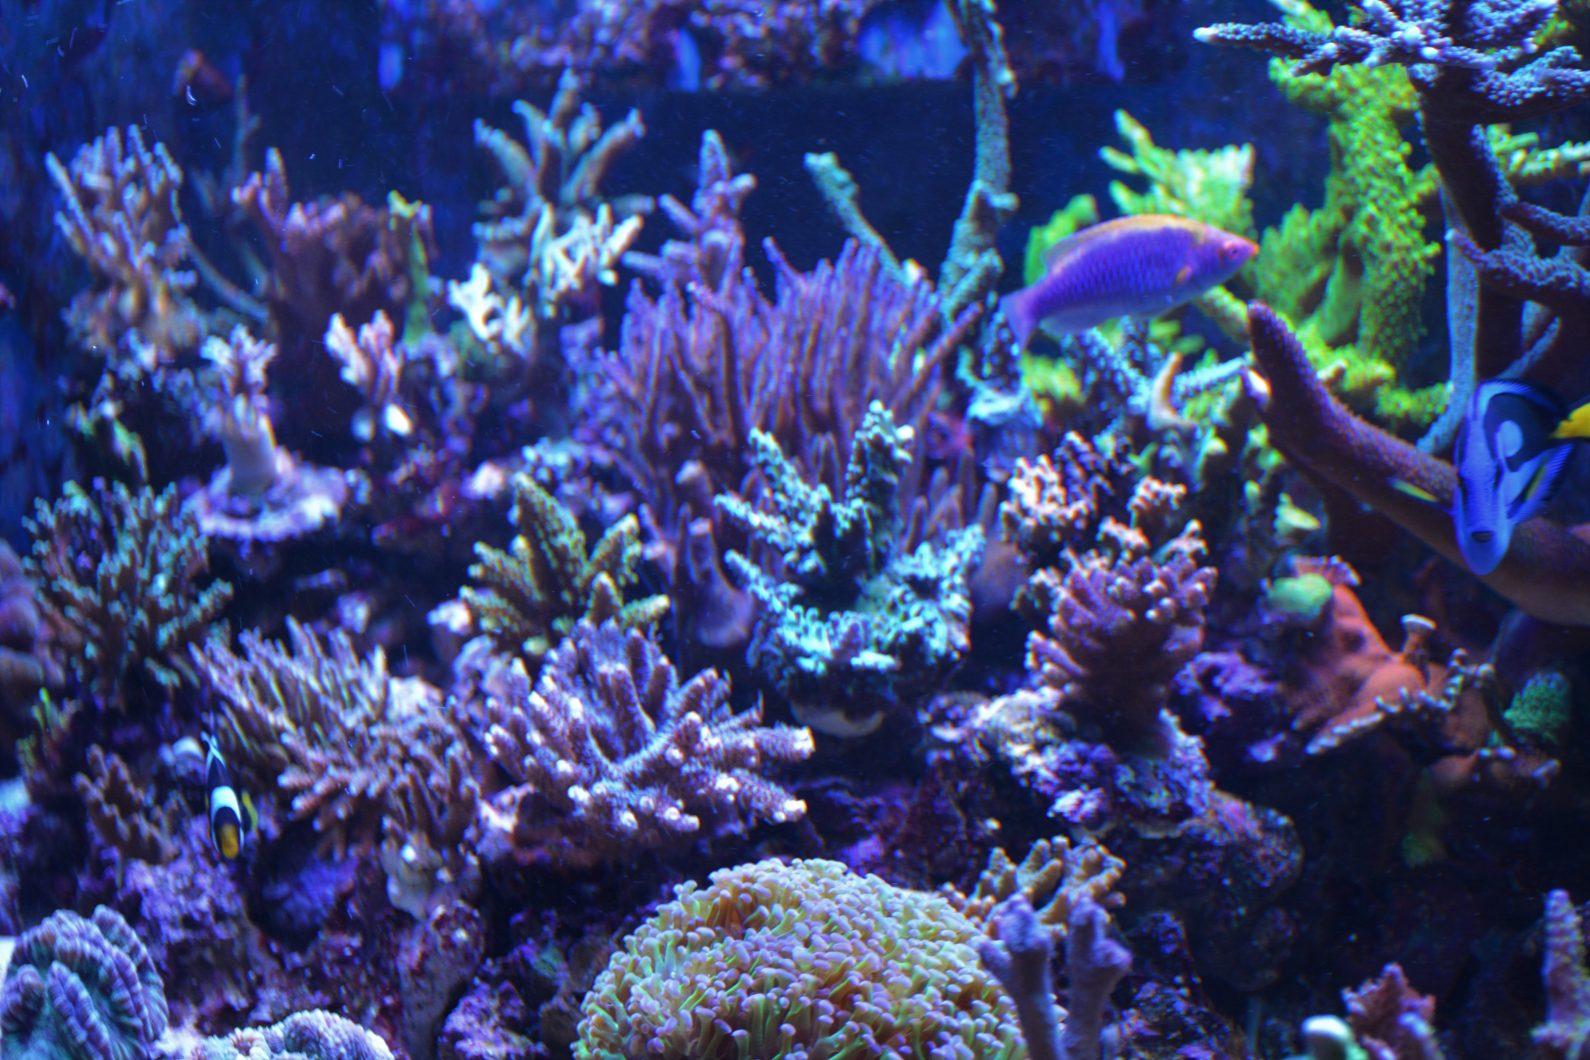 الشعاب المرجانية الملونة حوض السمك